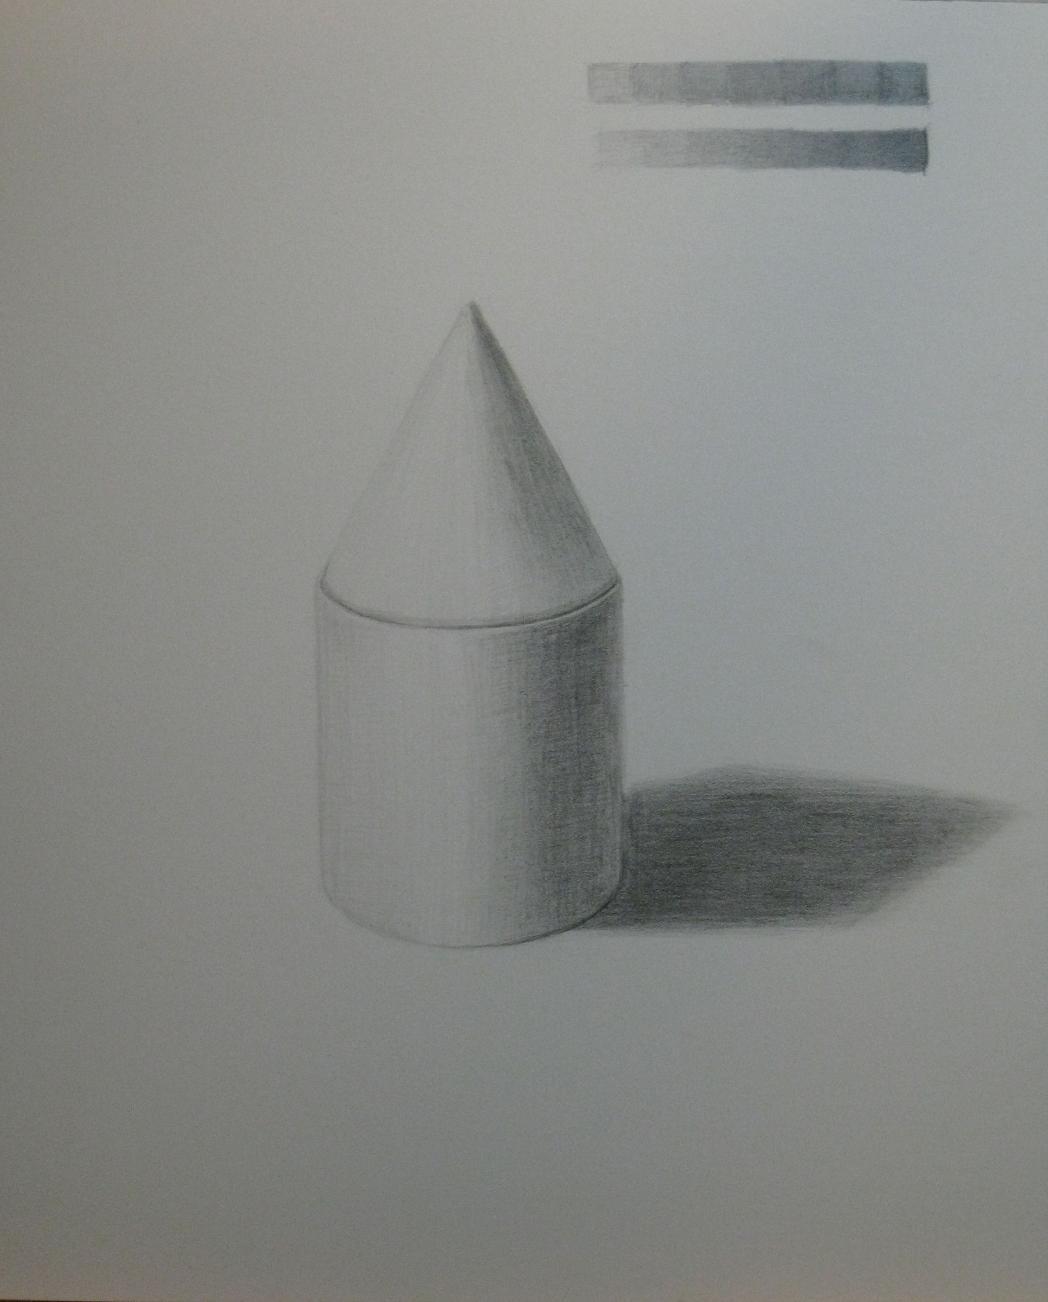 円柱と円錐